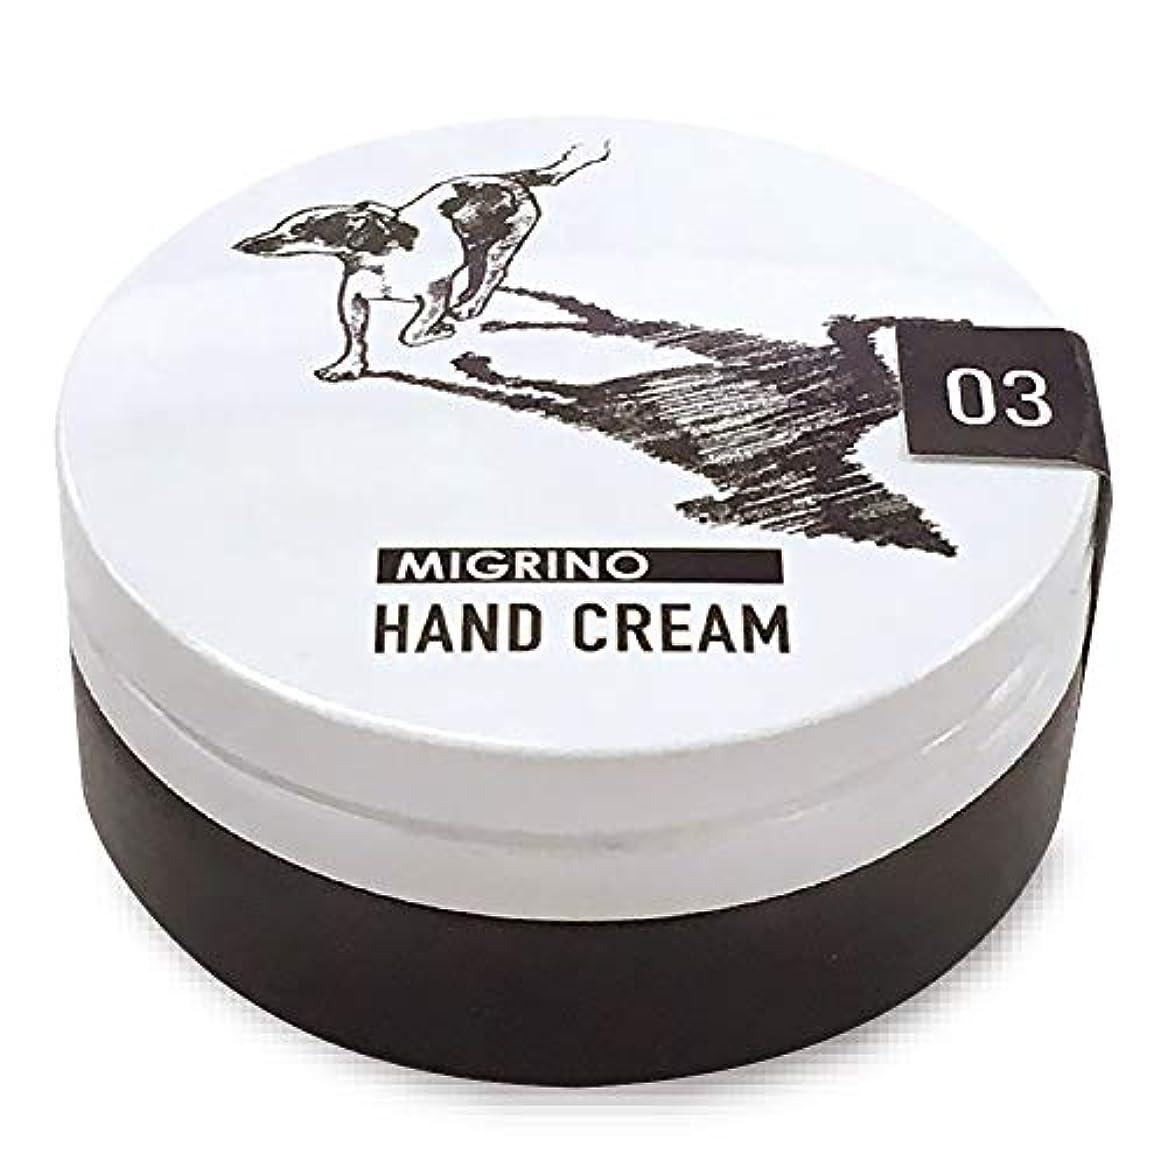 人道的到着一杯ノルコーポレーション ハンドクリーム パドロール 保湿成分配合 PAD-9-03 ベルガモットの香り 60g